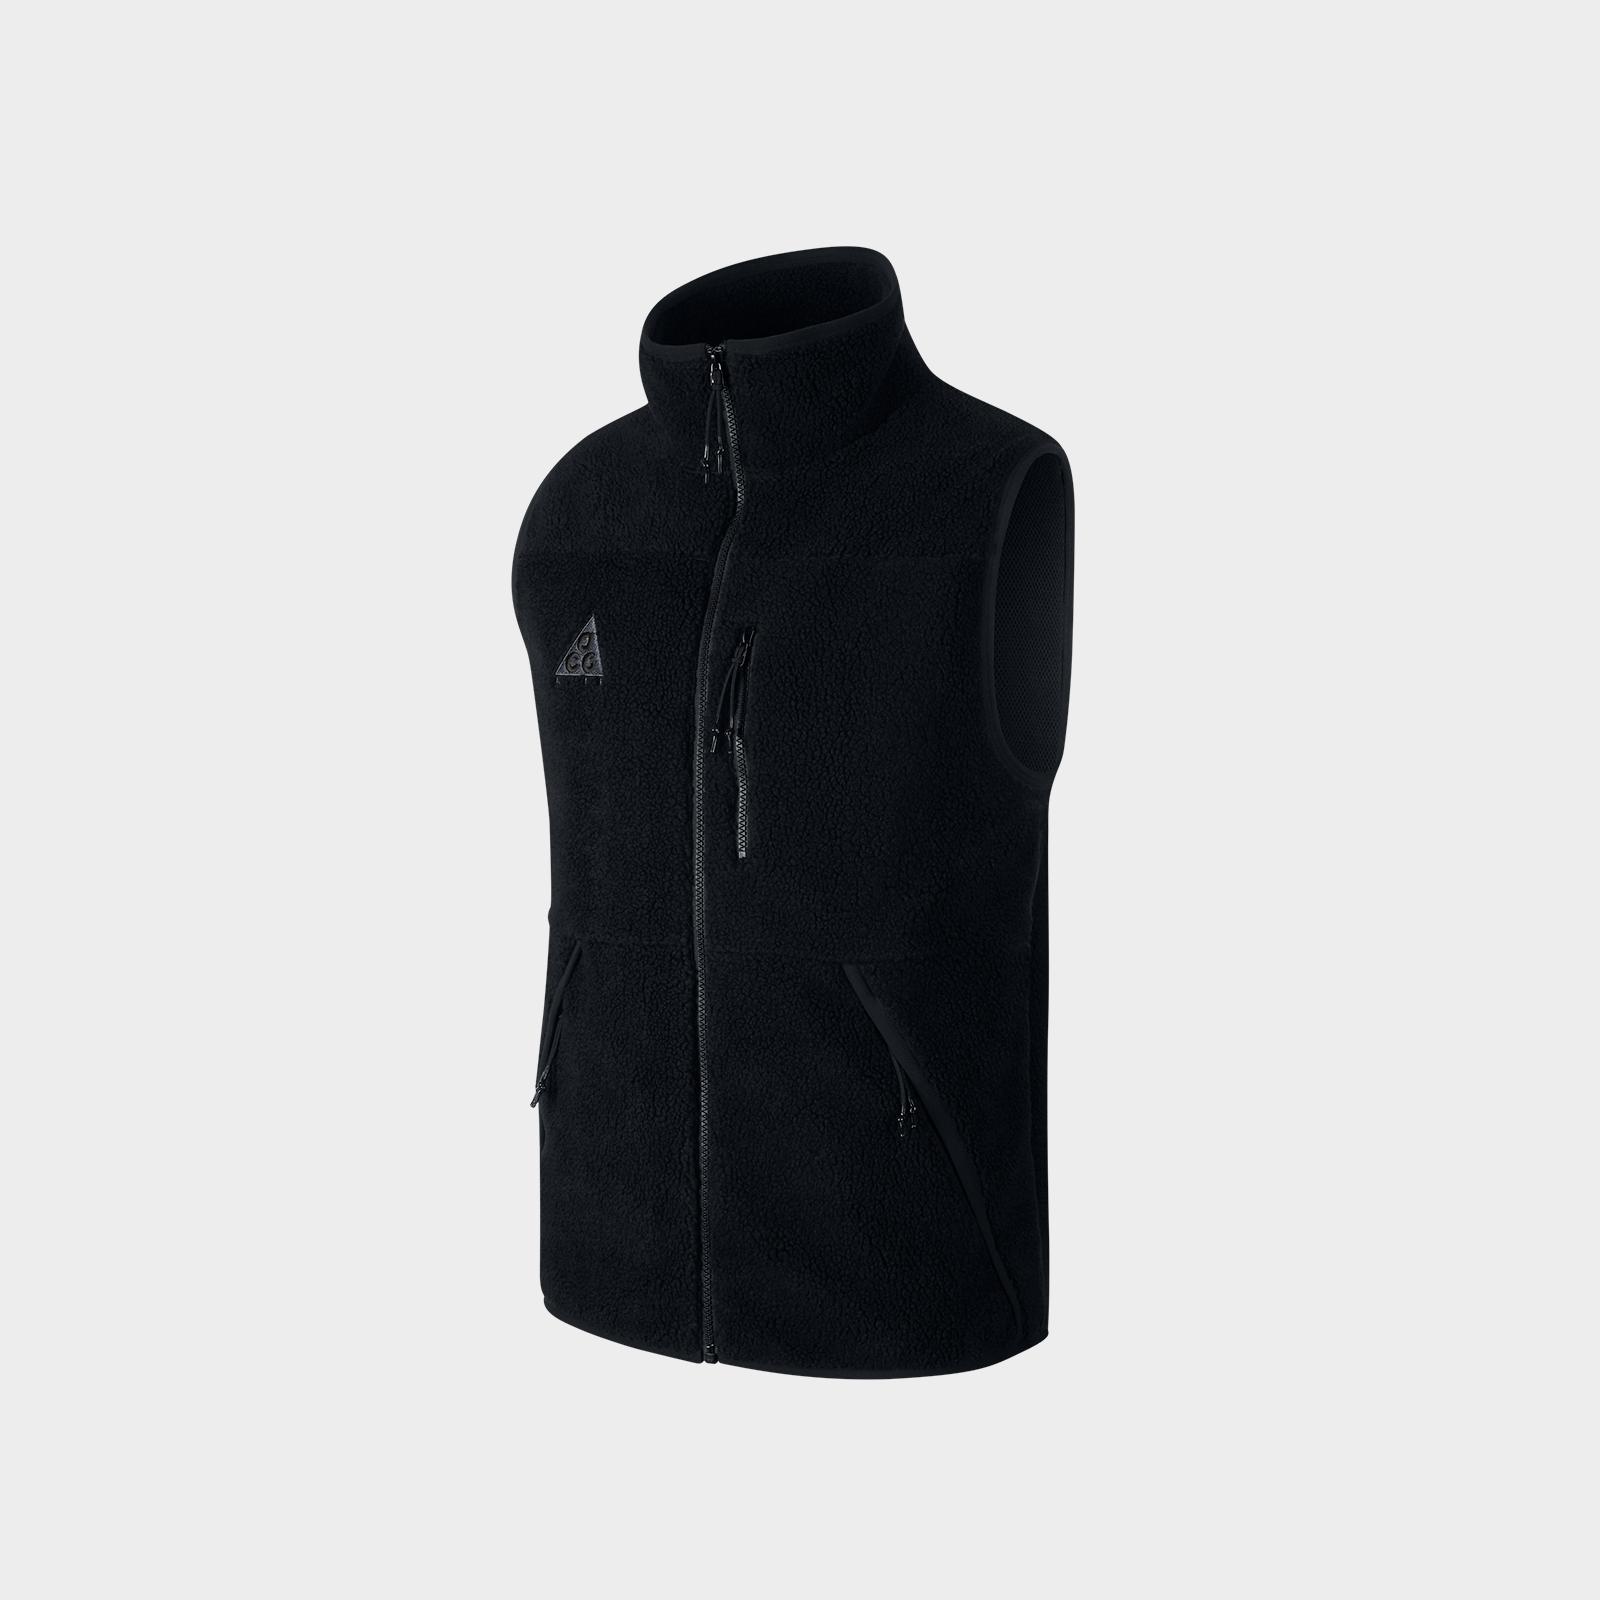 sale retailer 97145 eed5c Nike Vest - At5498-012 - Sneakersnstuff   sneakers   streetwear ...